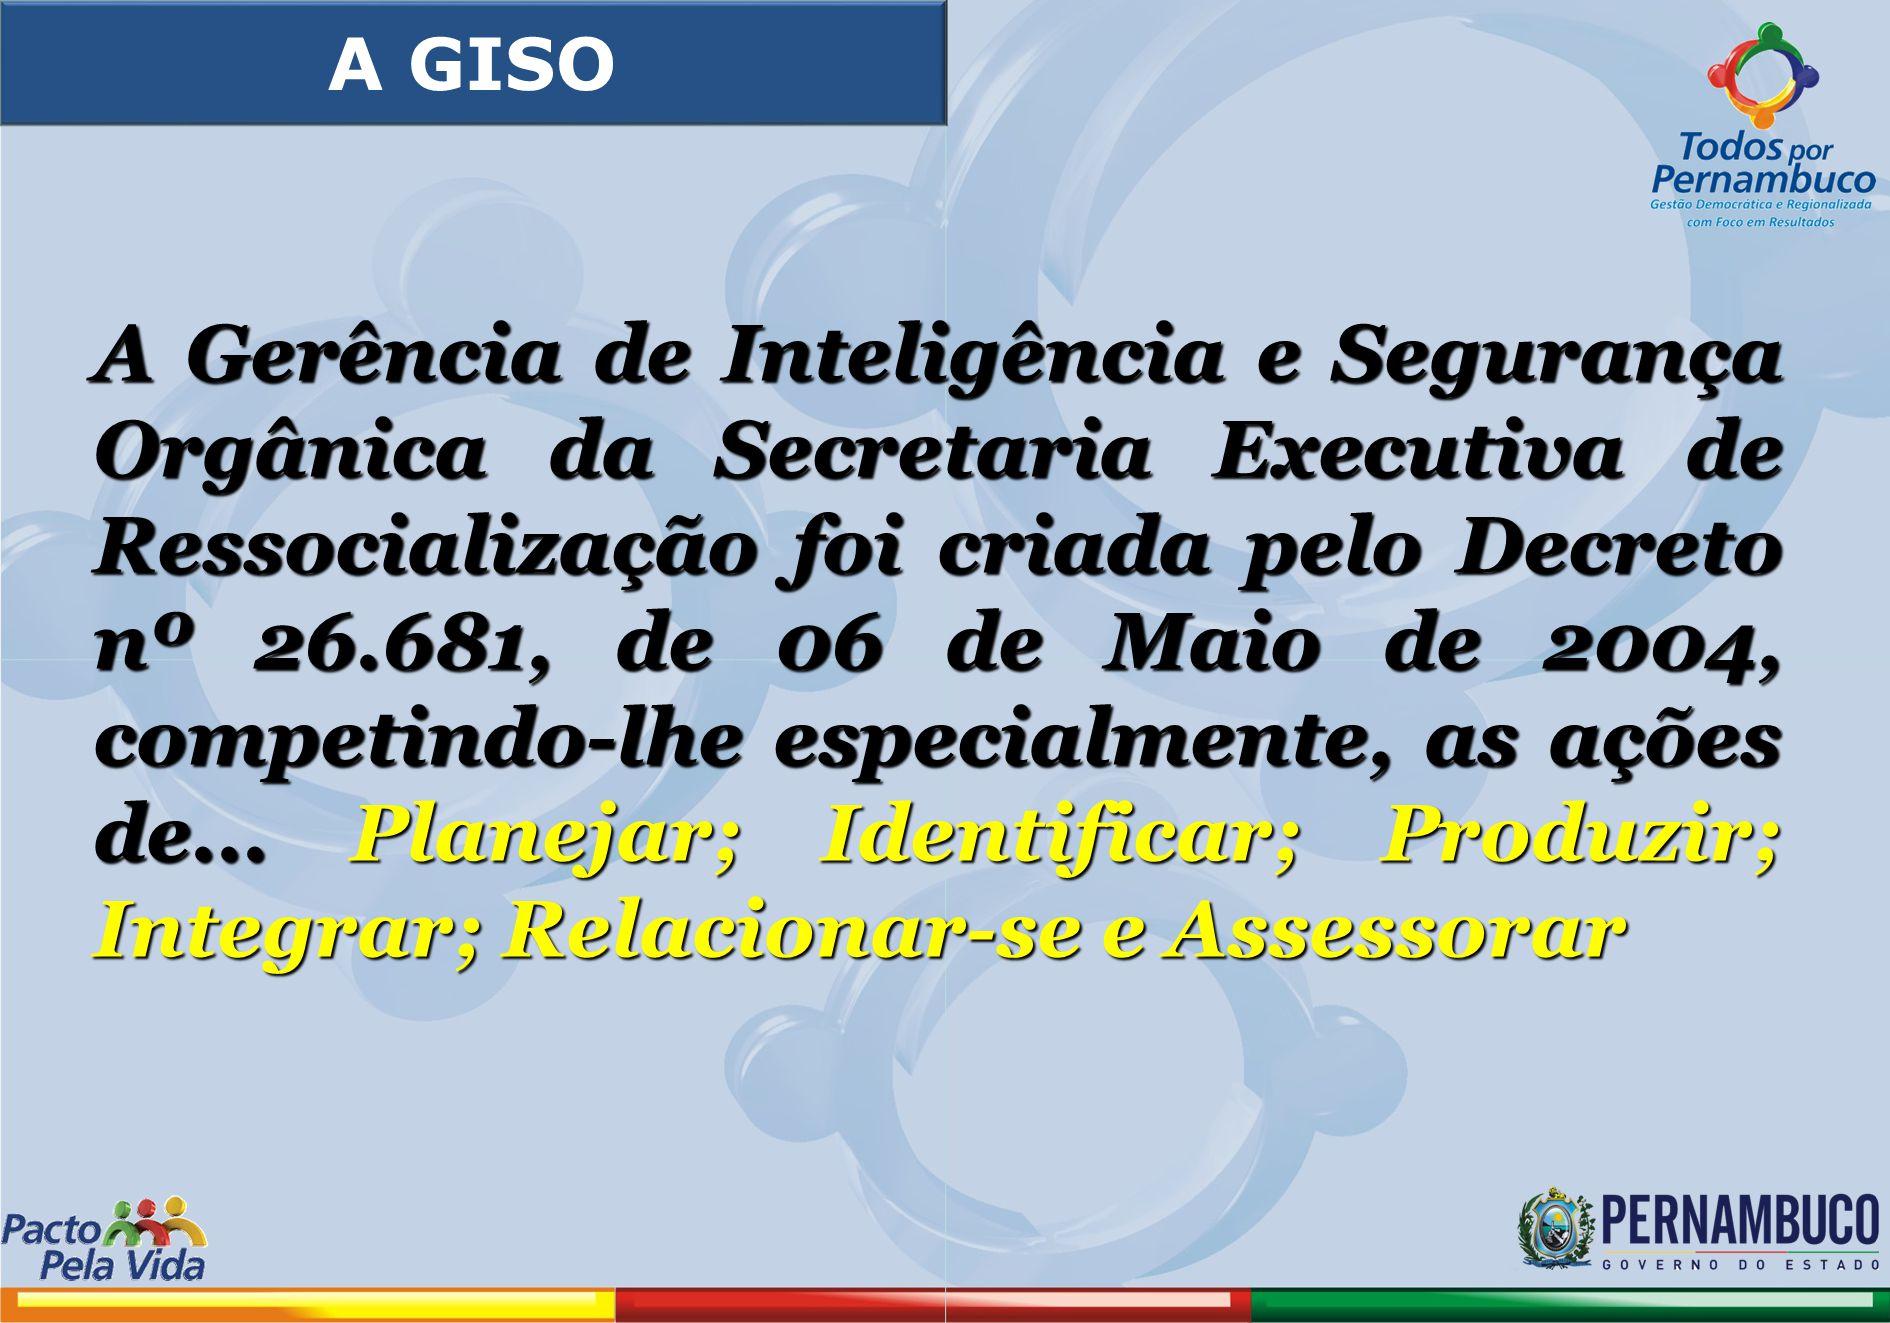 A Gerência de Inteligência e Segurança Orgânica da Secretaria Executiva de Ressocialização foi criada pelo Decreto nº 26.681, de 06 de Maio de 2004, c